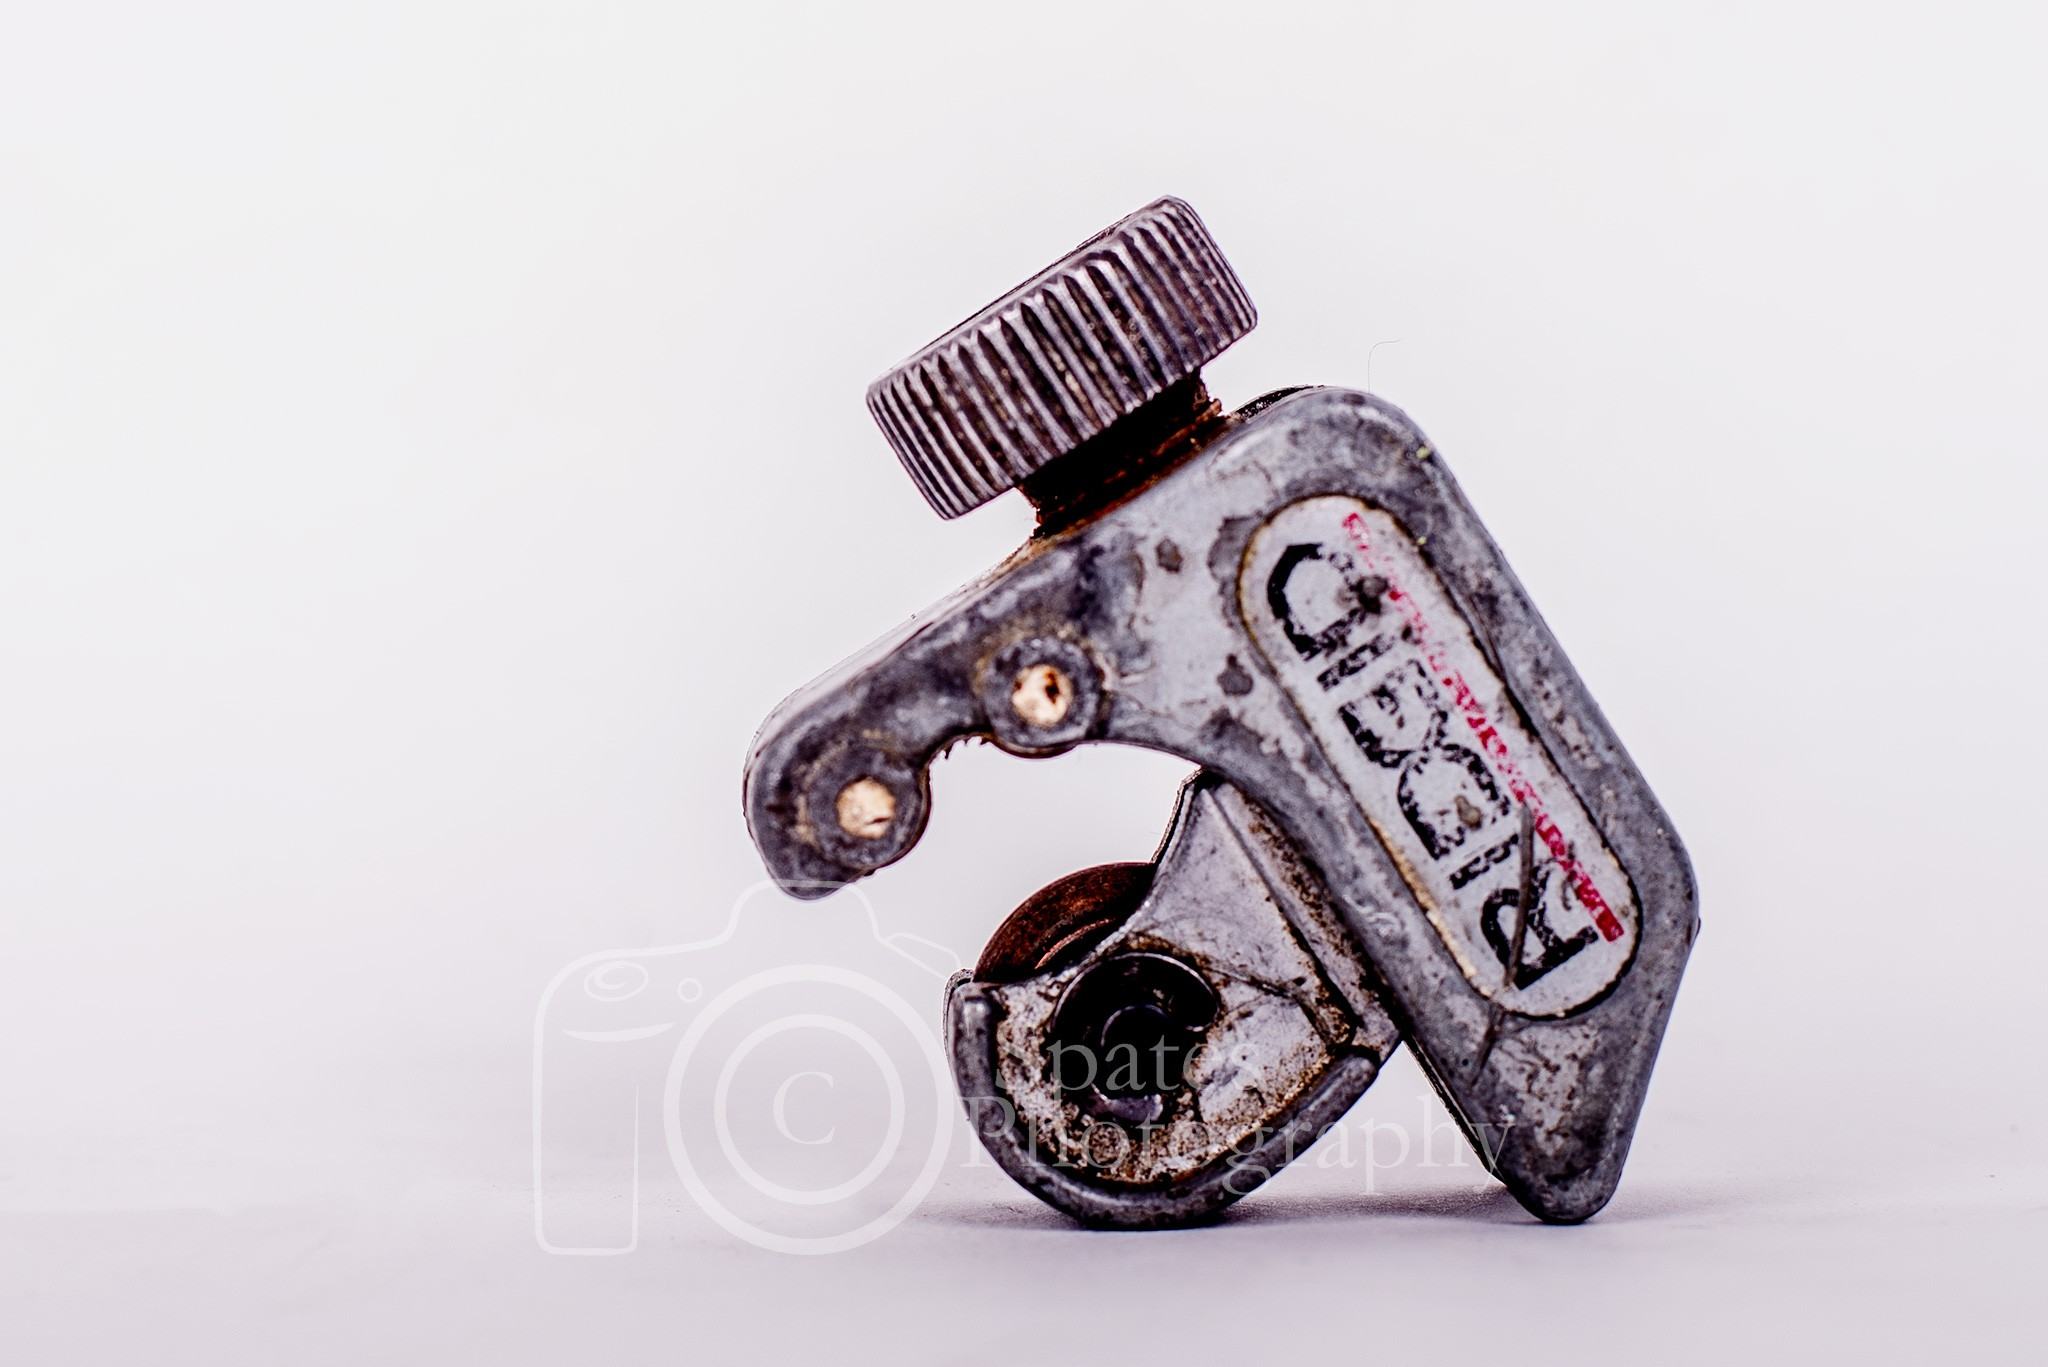 Small copper cutters hvac tool